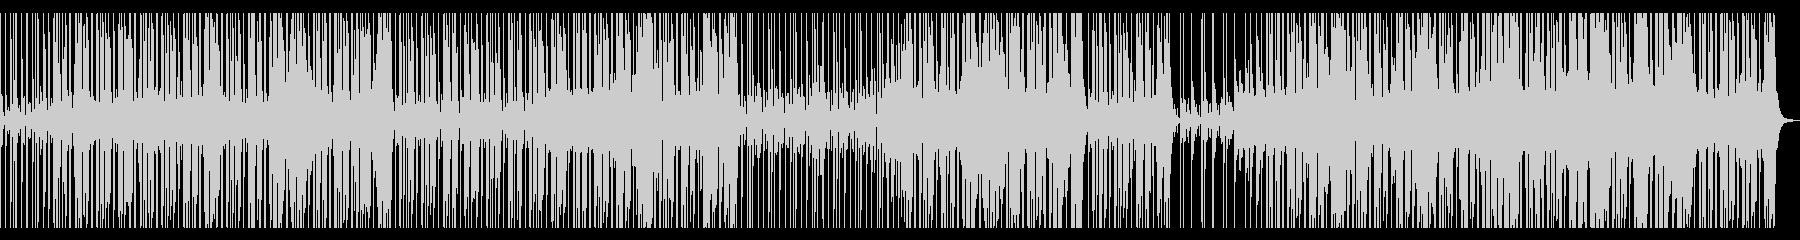 【メロ無し】スローテンポのファンクロックの未再生の波形